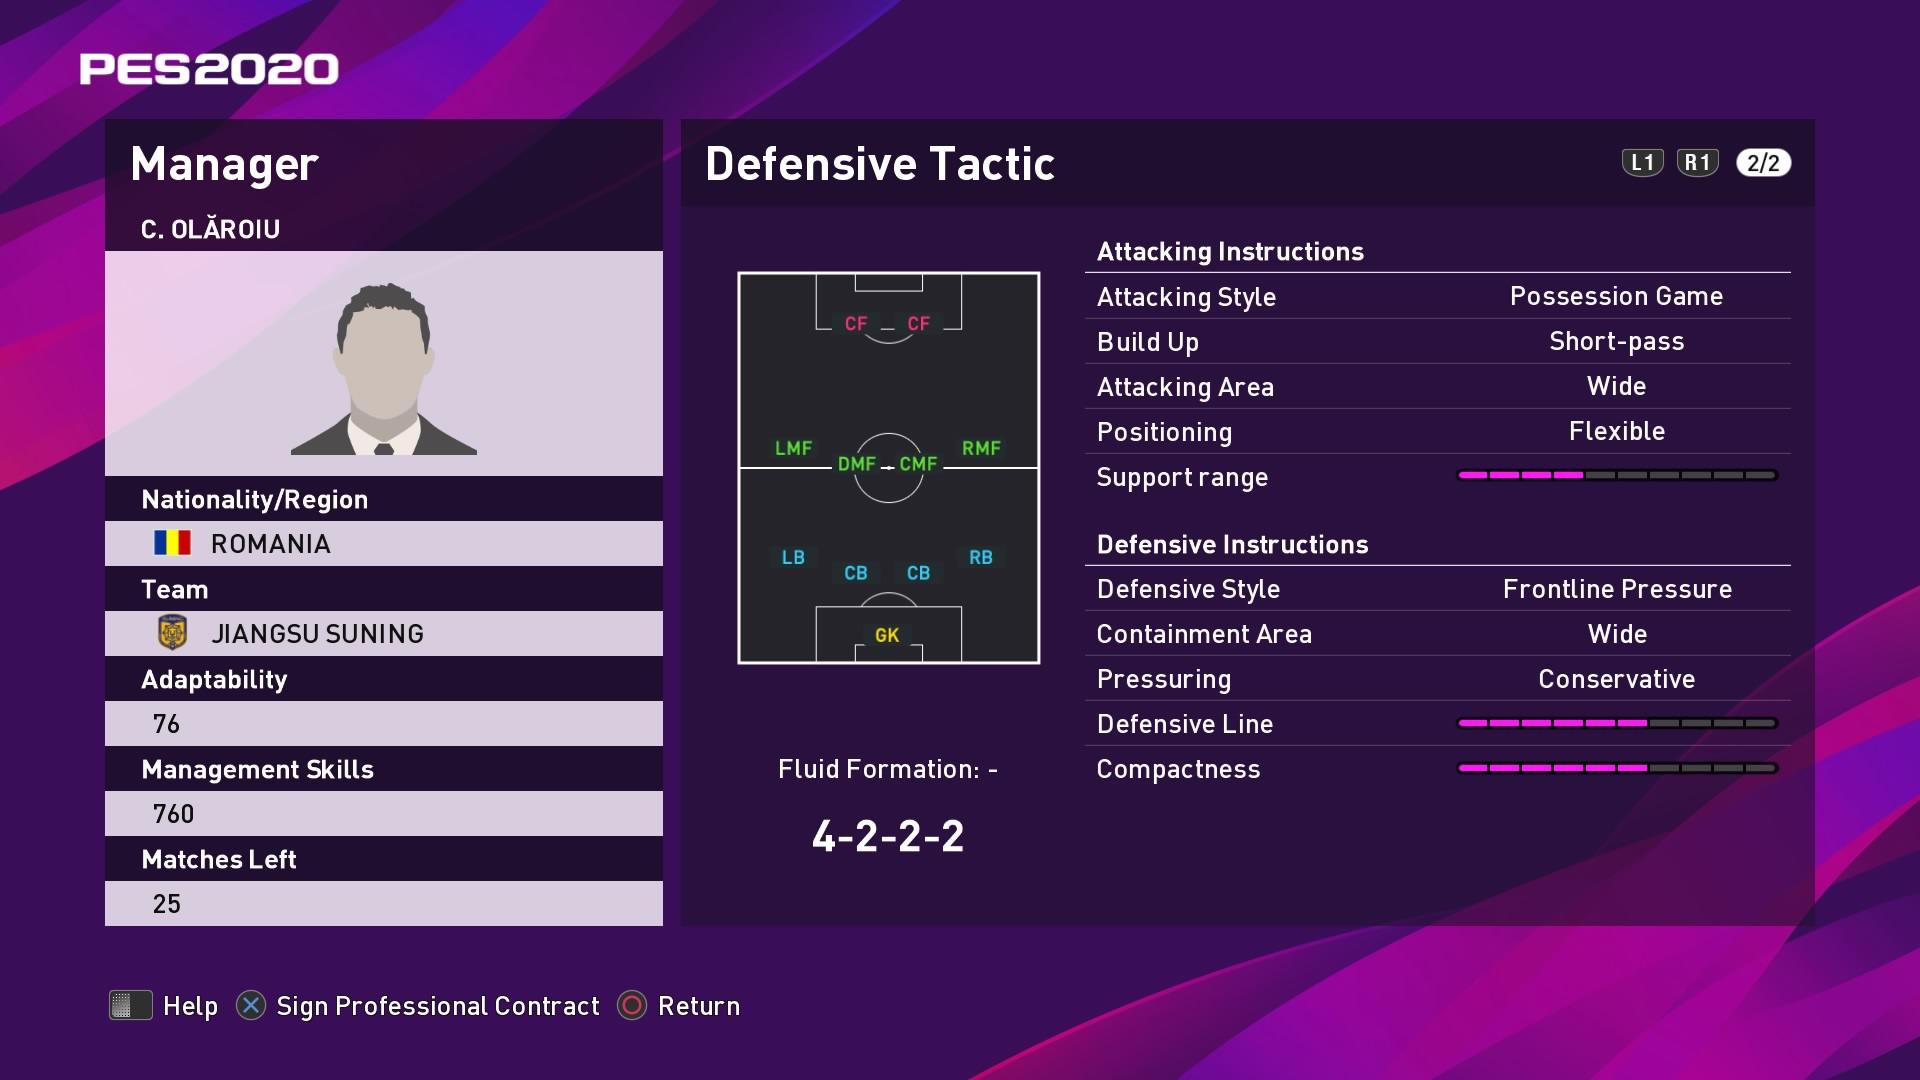 C. Olăroiu (Cosmin Olăroiu) Defensive Tactic in PES 2020 myClub